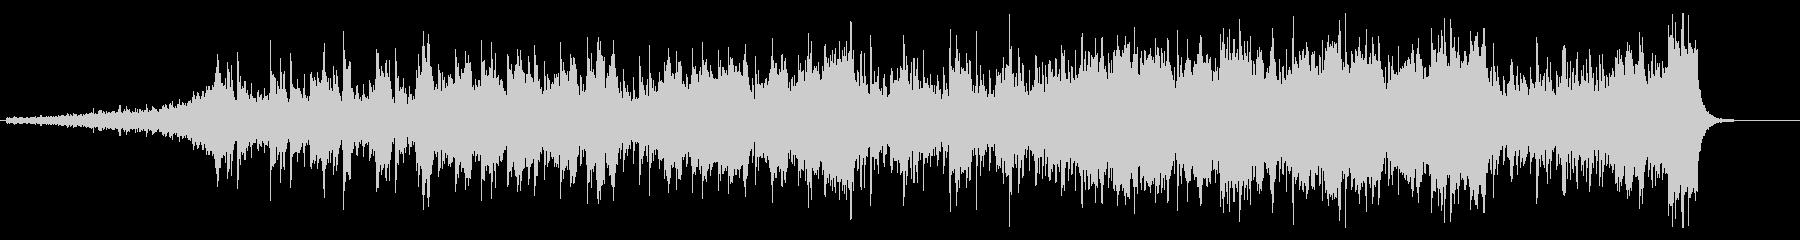 金管が活躍するエピックミュージックの未再生の波形